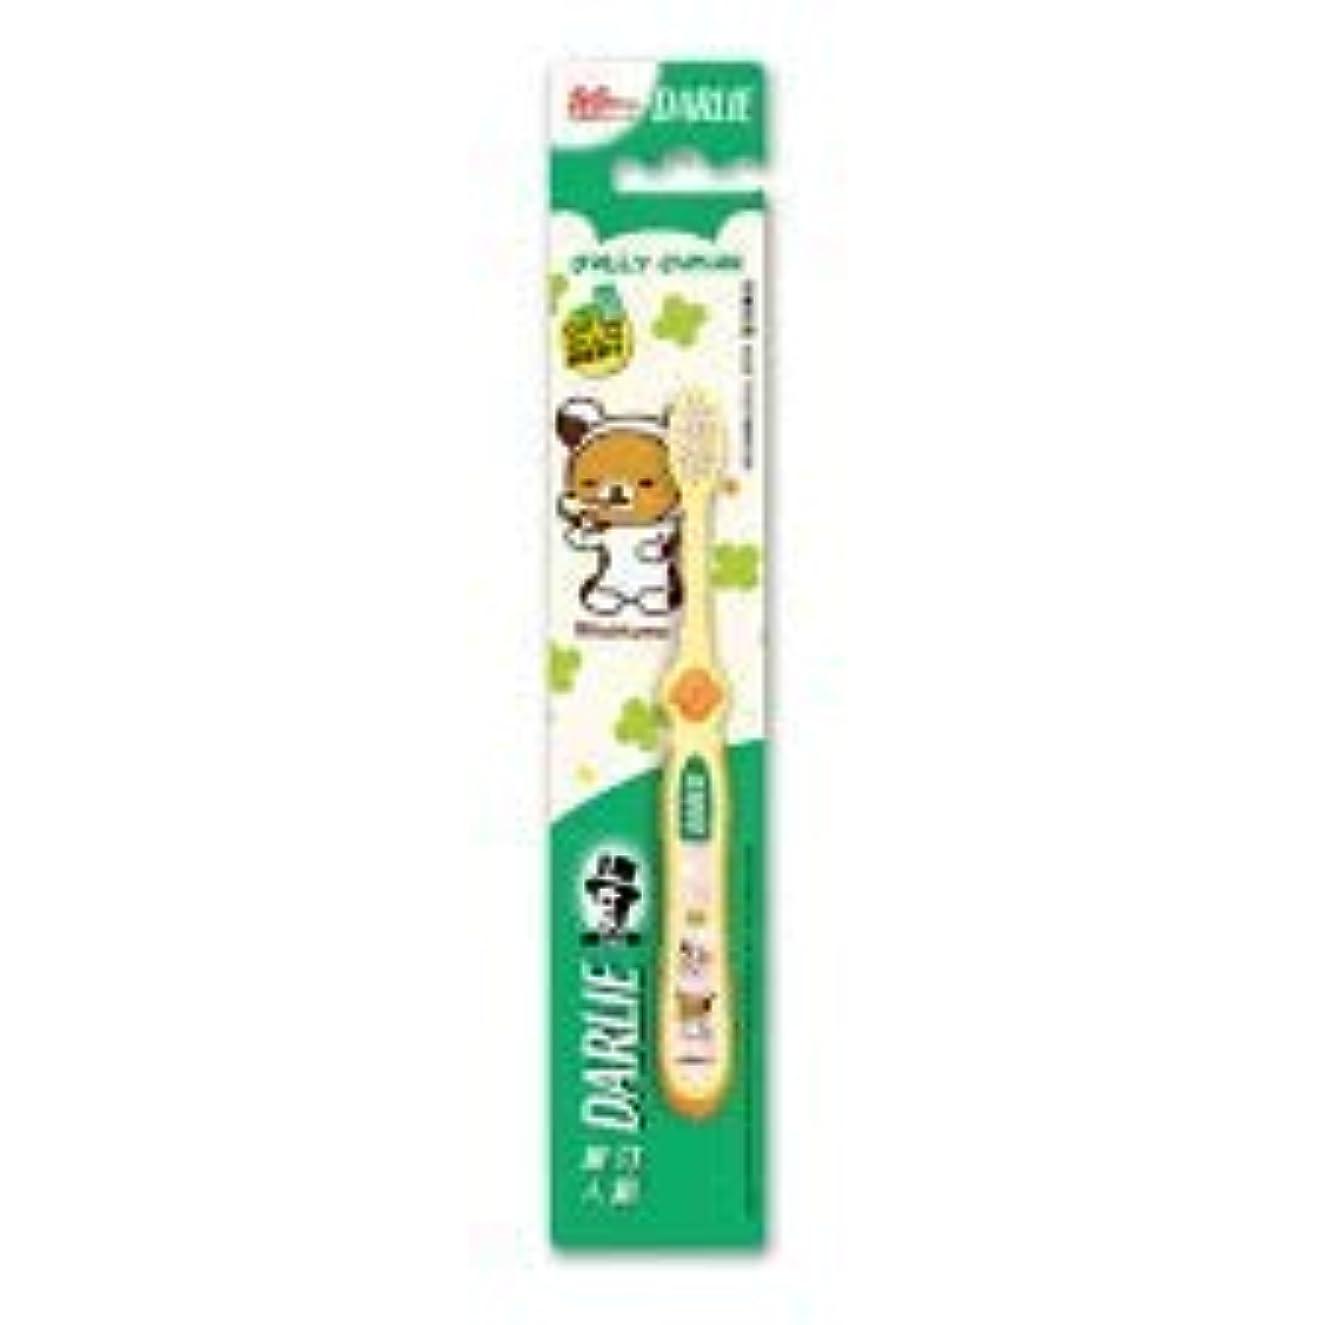 スラム街蓮ポーズDARLIE メリージュニア2-6歳歯ブラシ - ジェントル歯茎と歯のエナメル質は良好な洗浄を持っています